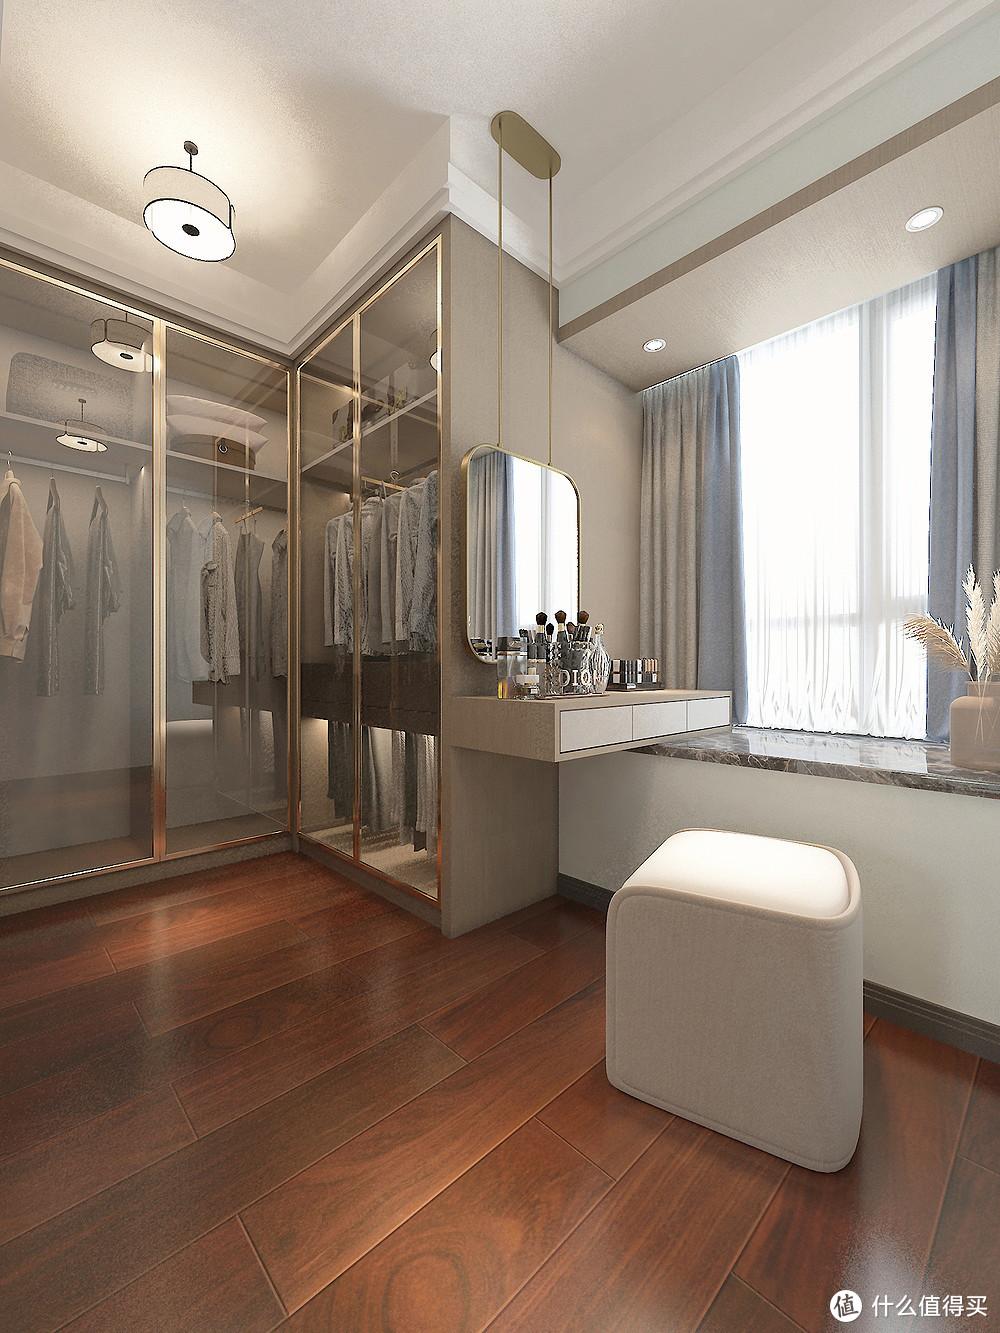 长沙夫妻的新家,122㎡现代新中式,去繁就简,打造温馨舒适的氛围